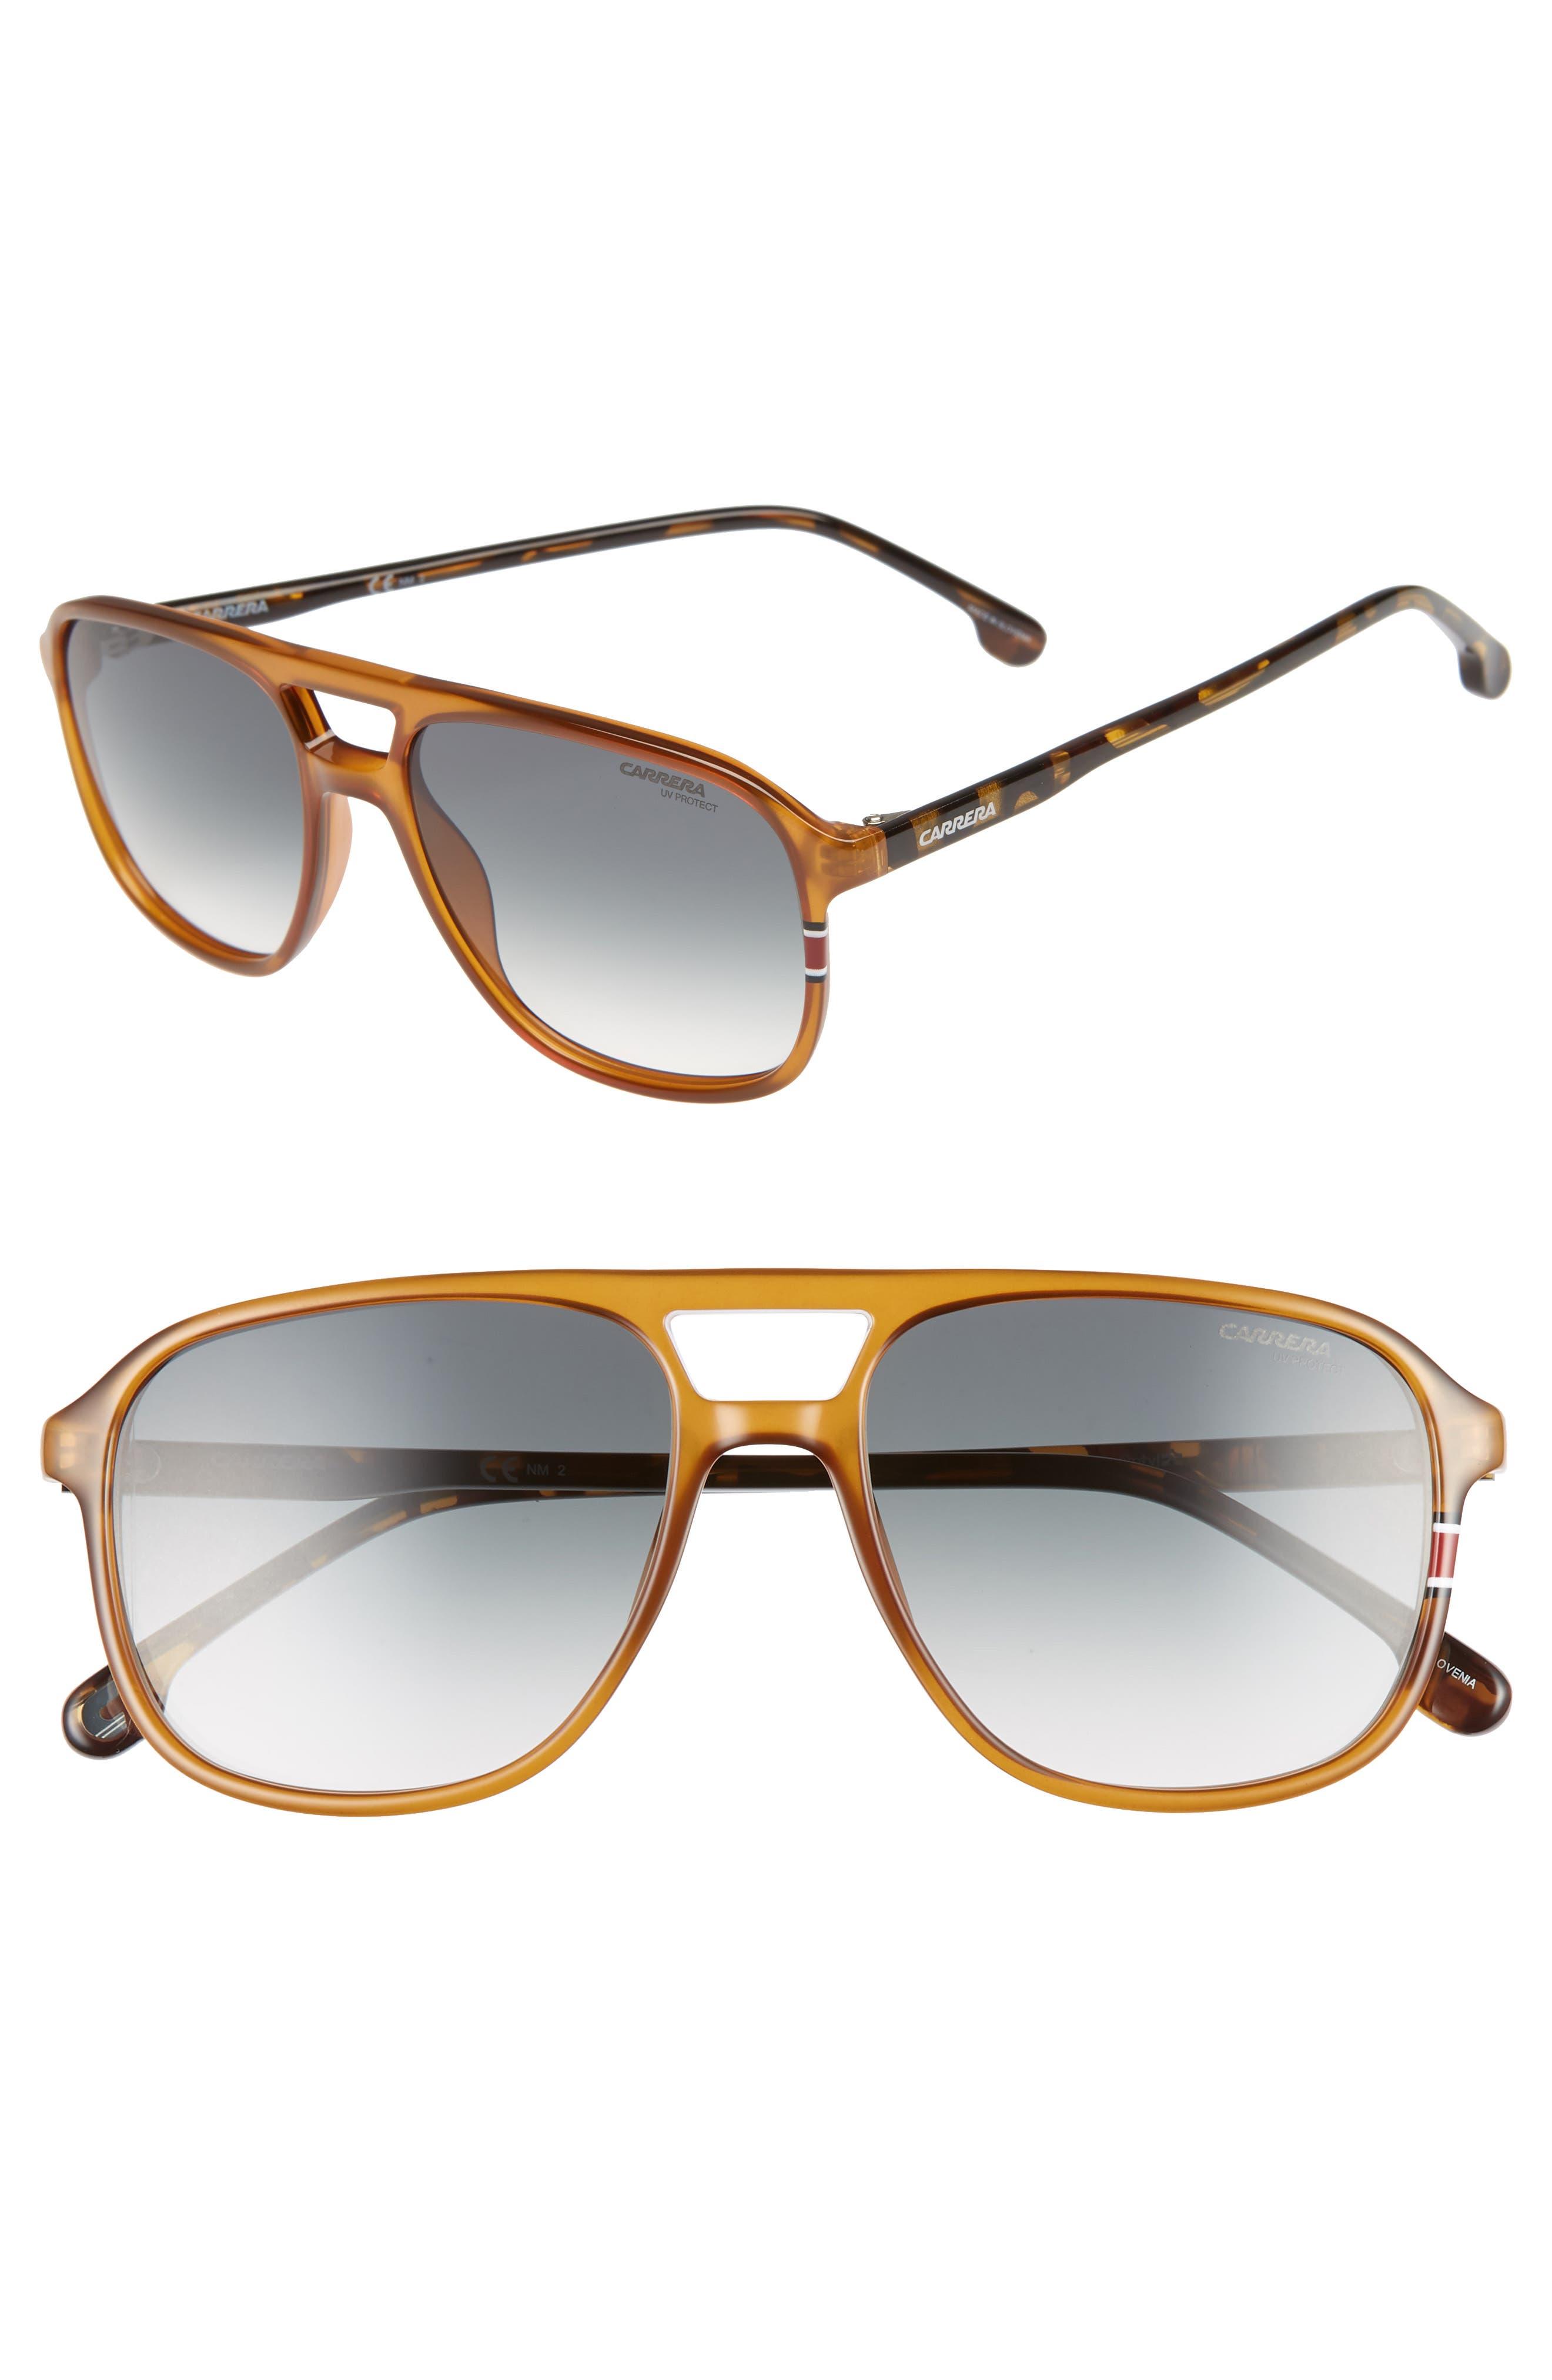 Carrera Eyewear 5m Aviator Sunglasses - Yellow